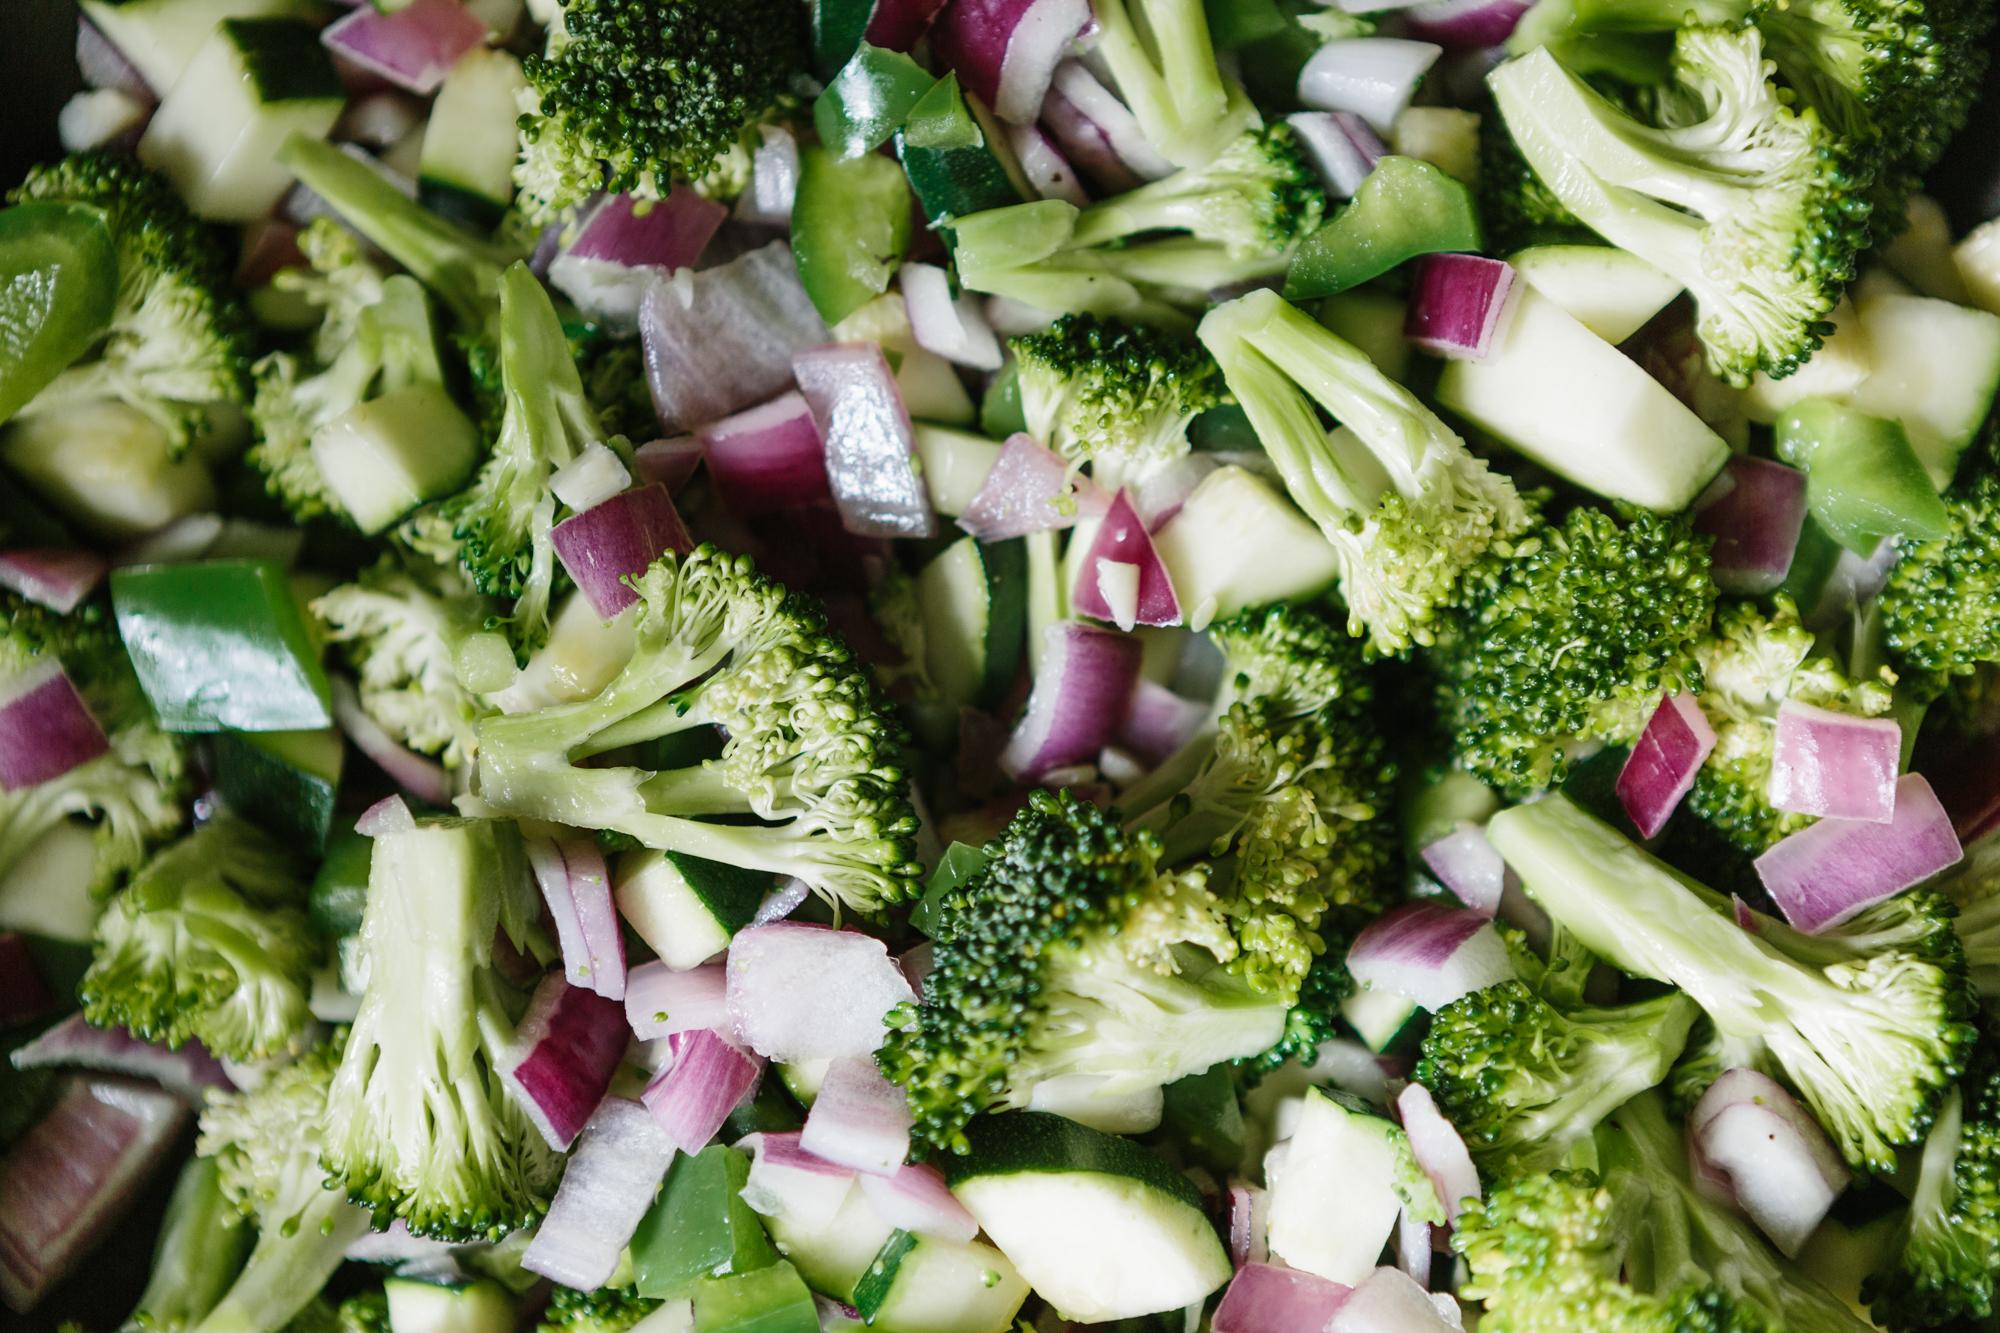 APT_VegetarianVentures08.jpg